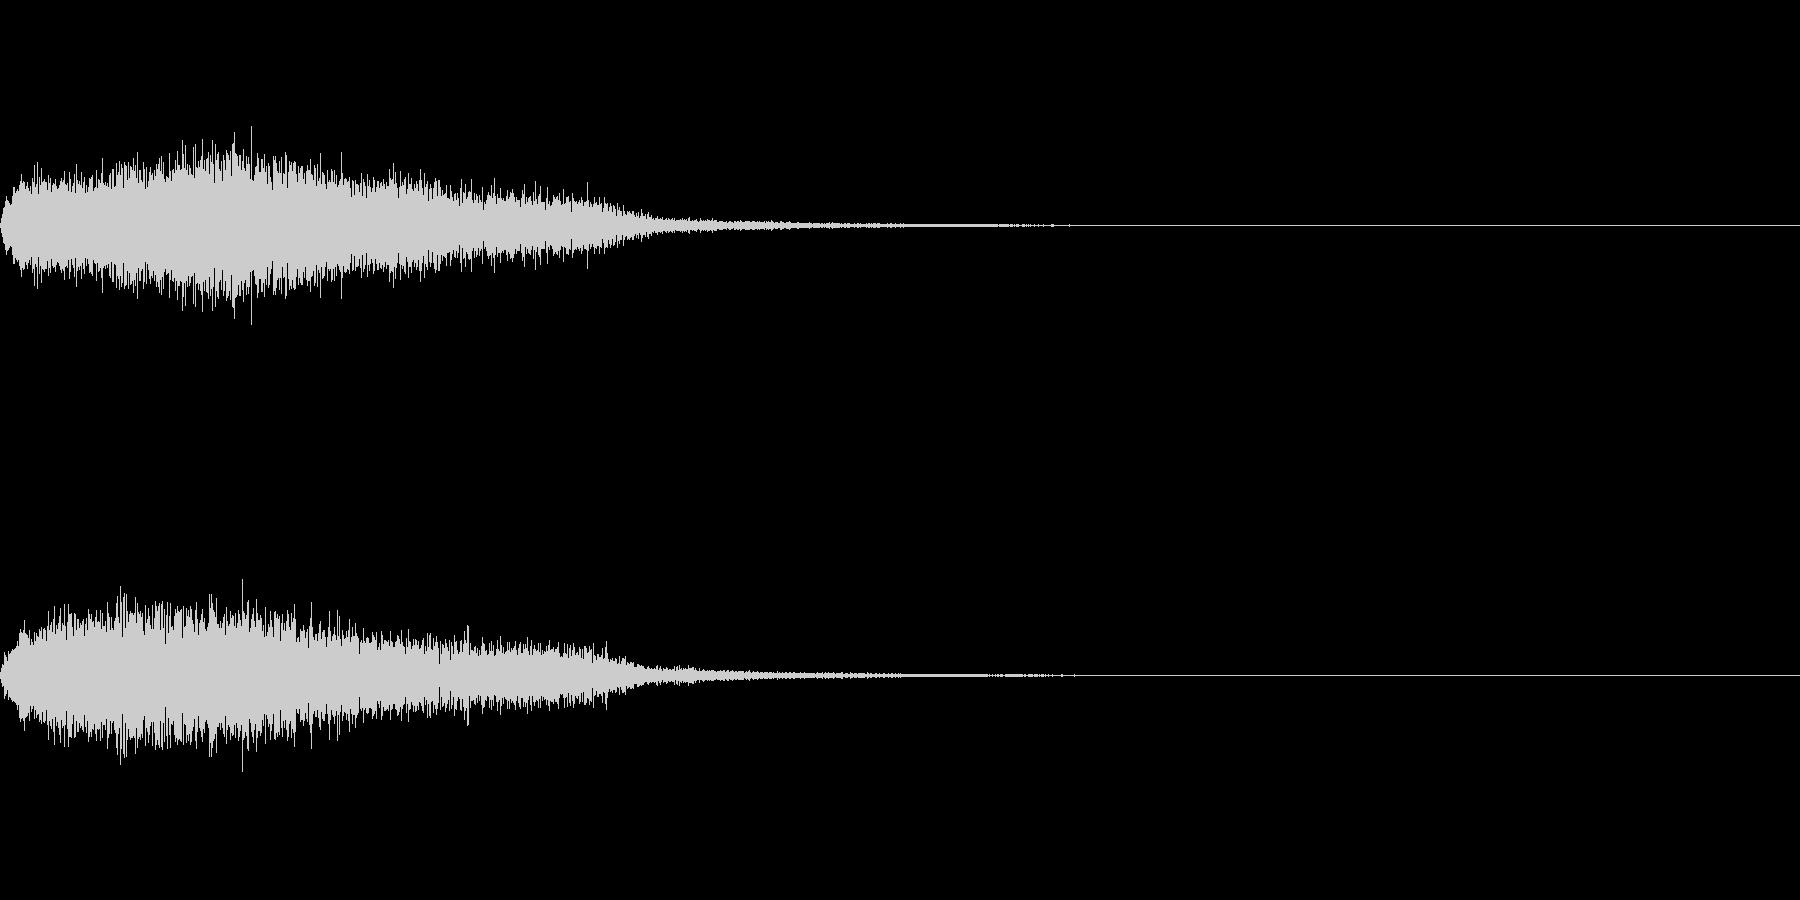 効果音 ホラー その6の未再生の波形